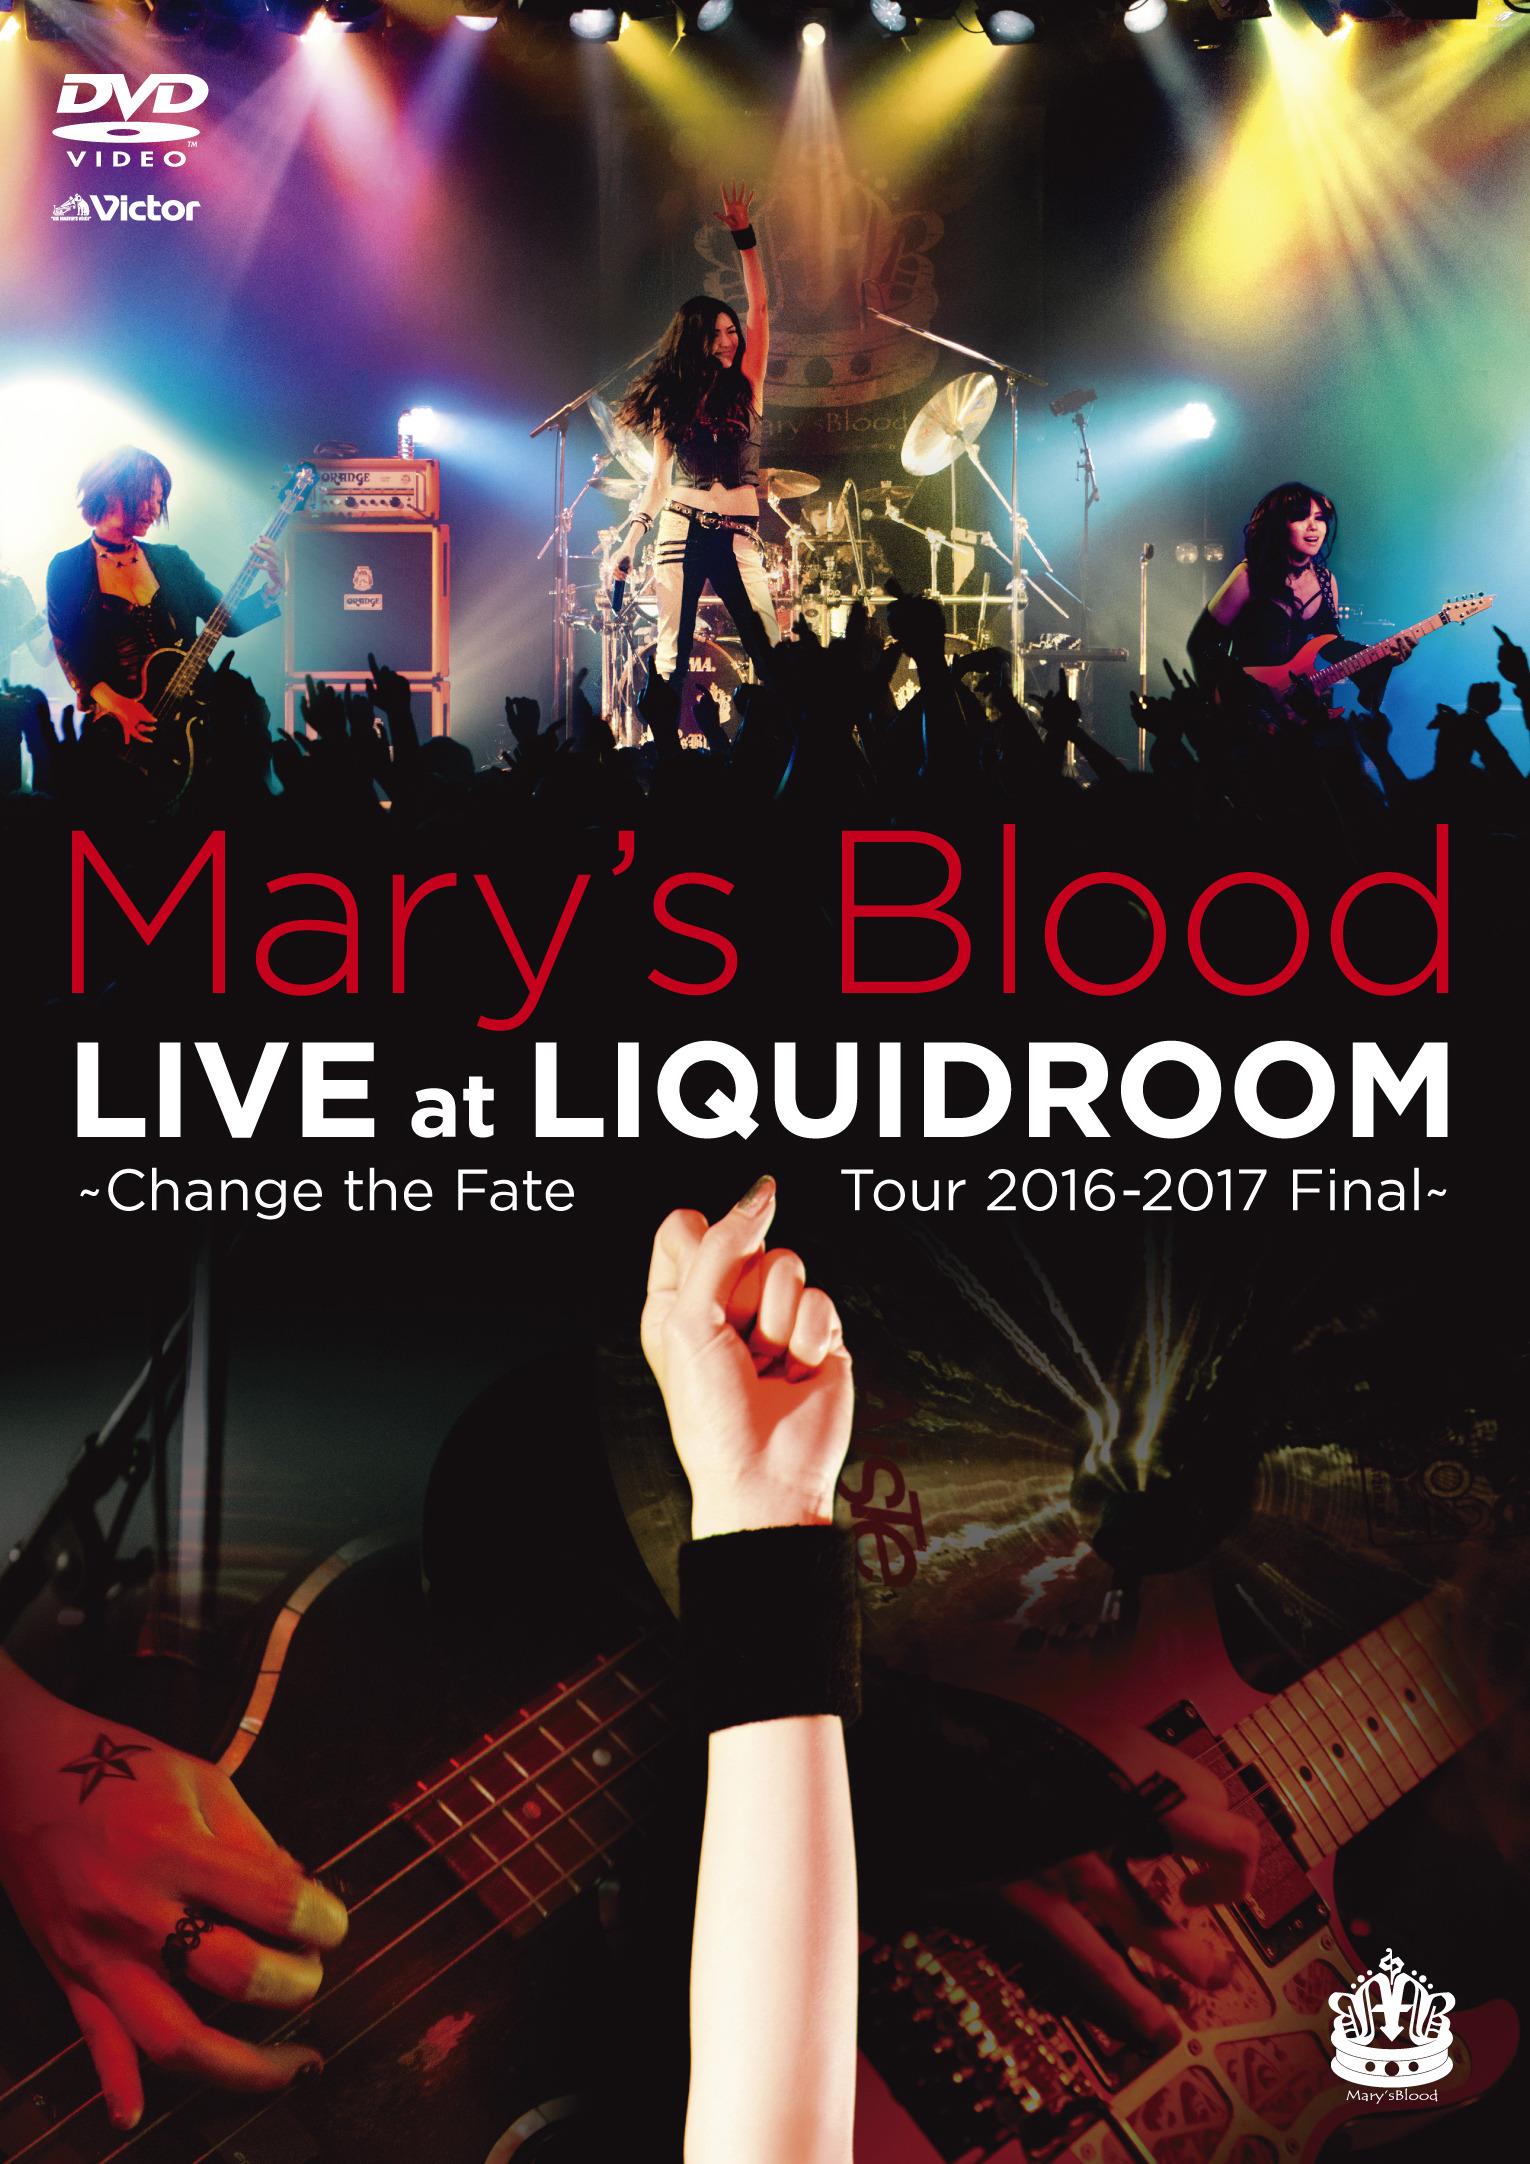 marysblood_dvd.jpg